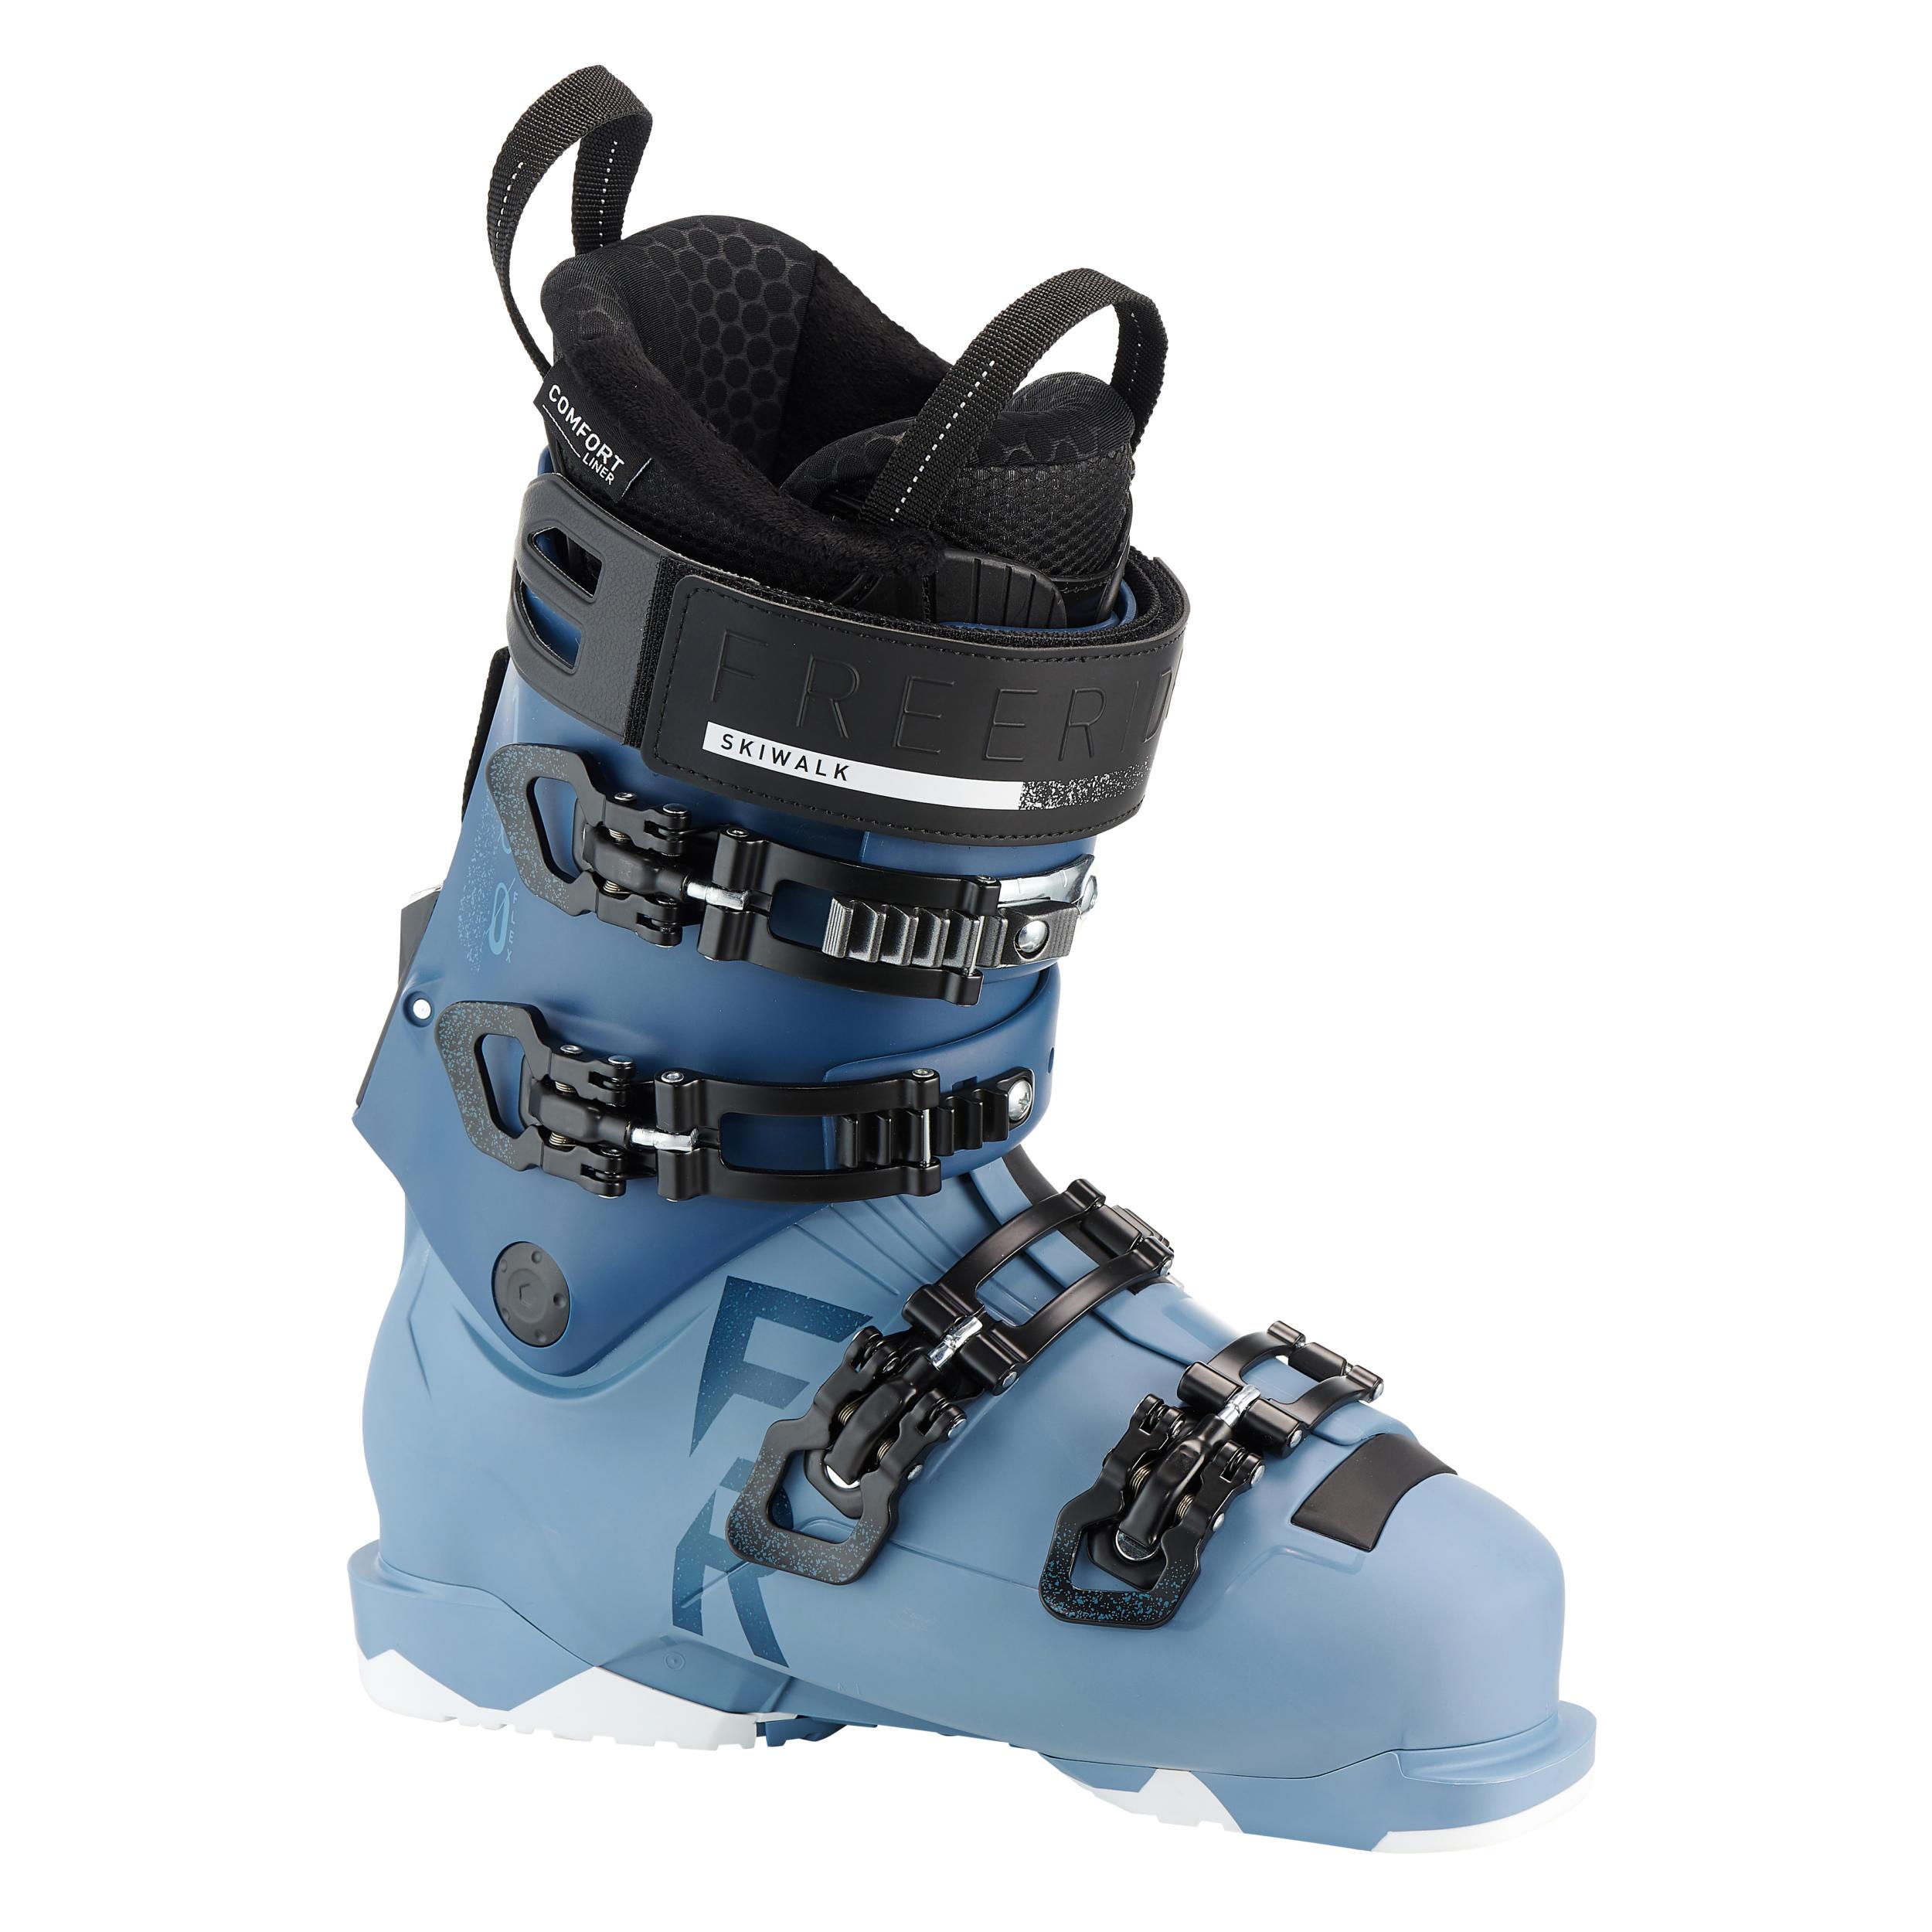 Chaussures de ski freeride femmes wedze fr 900 flex100 bleu wedze